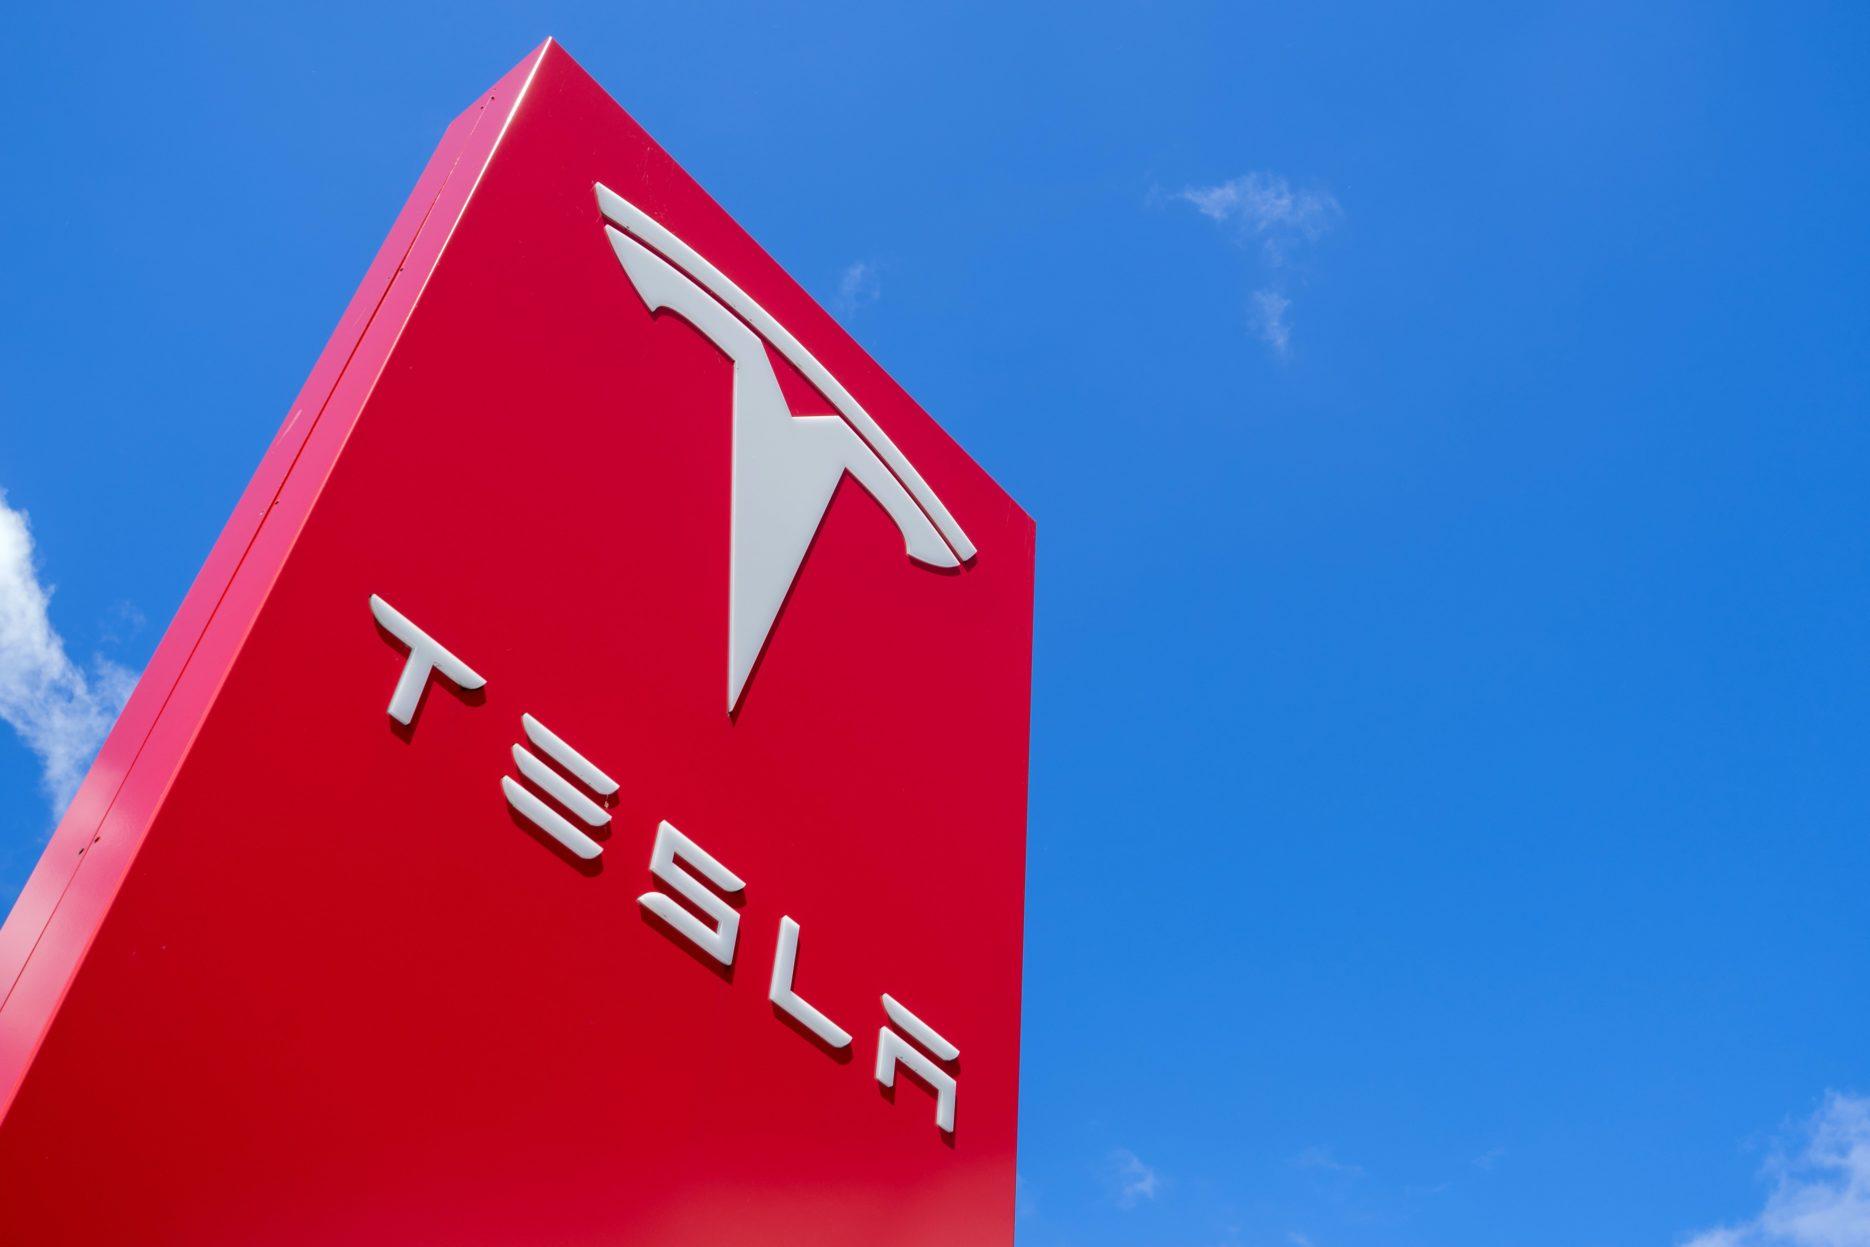 Tesla logo. Credit: Adobe Stock